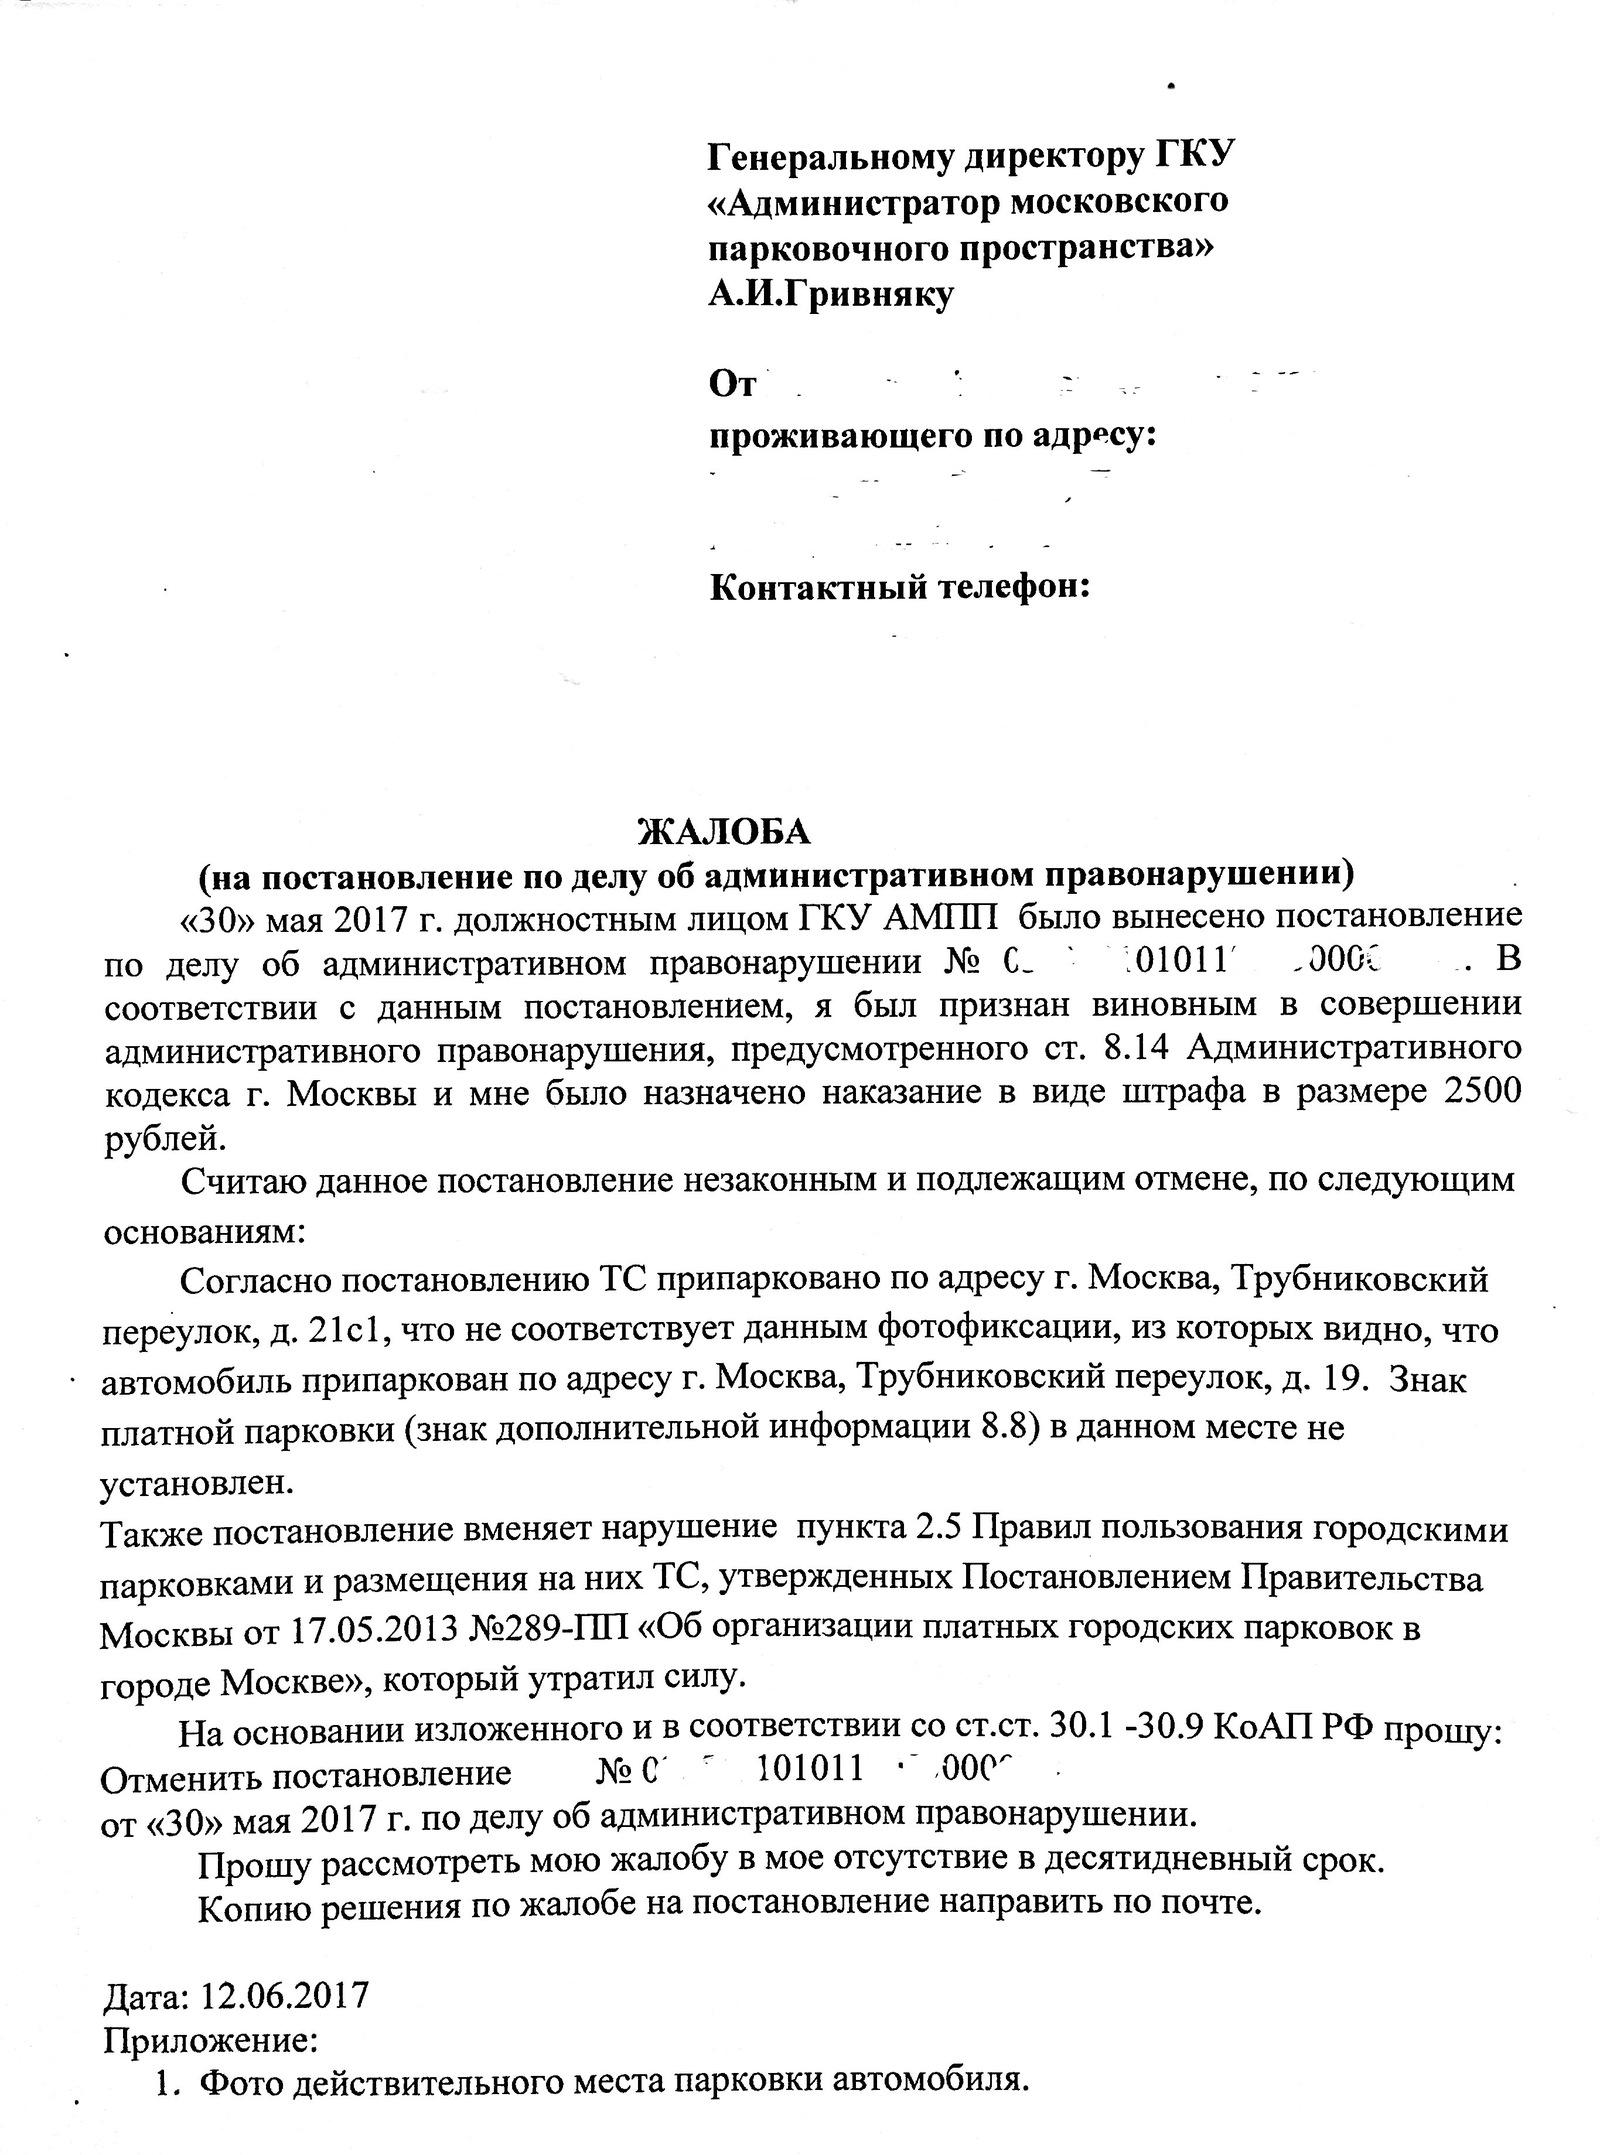 Как проверитьоплачен траспортный налог в москве